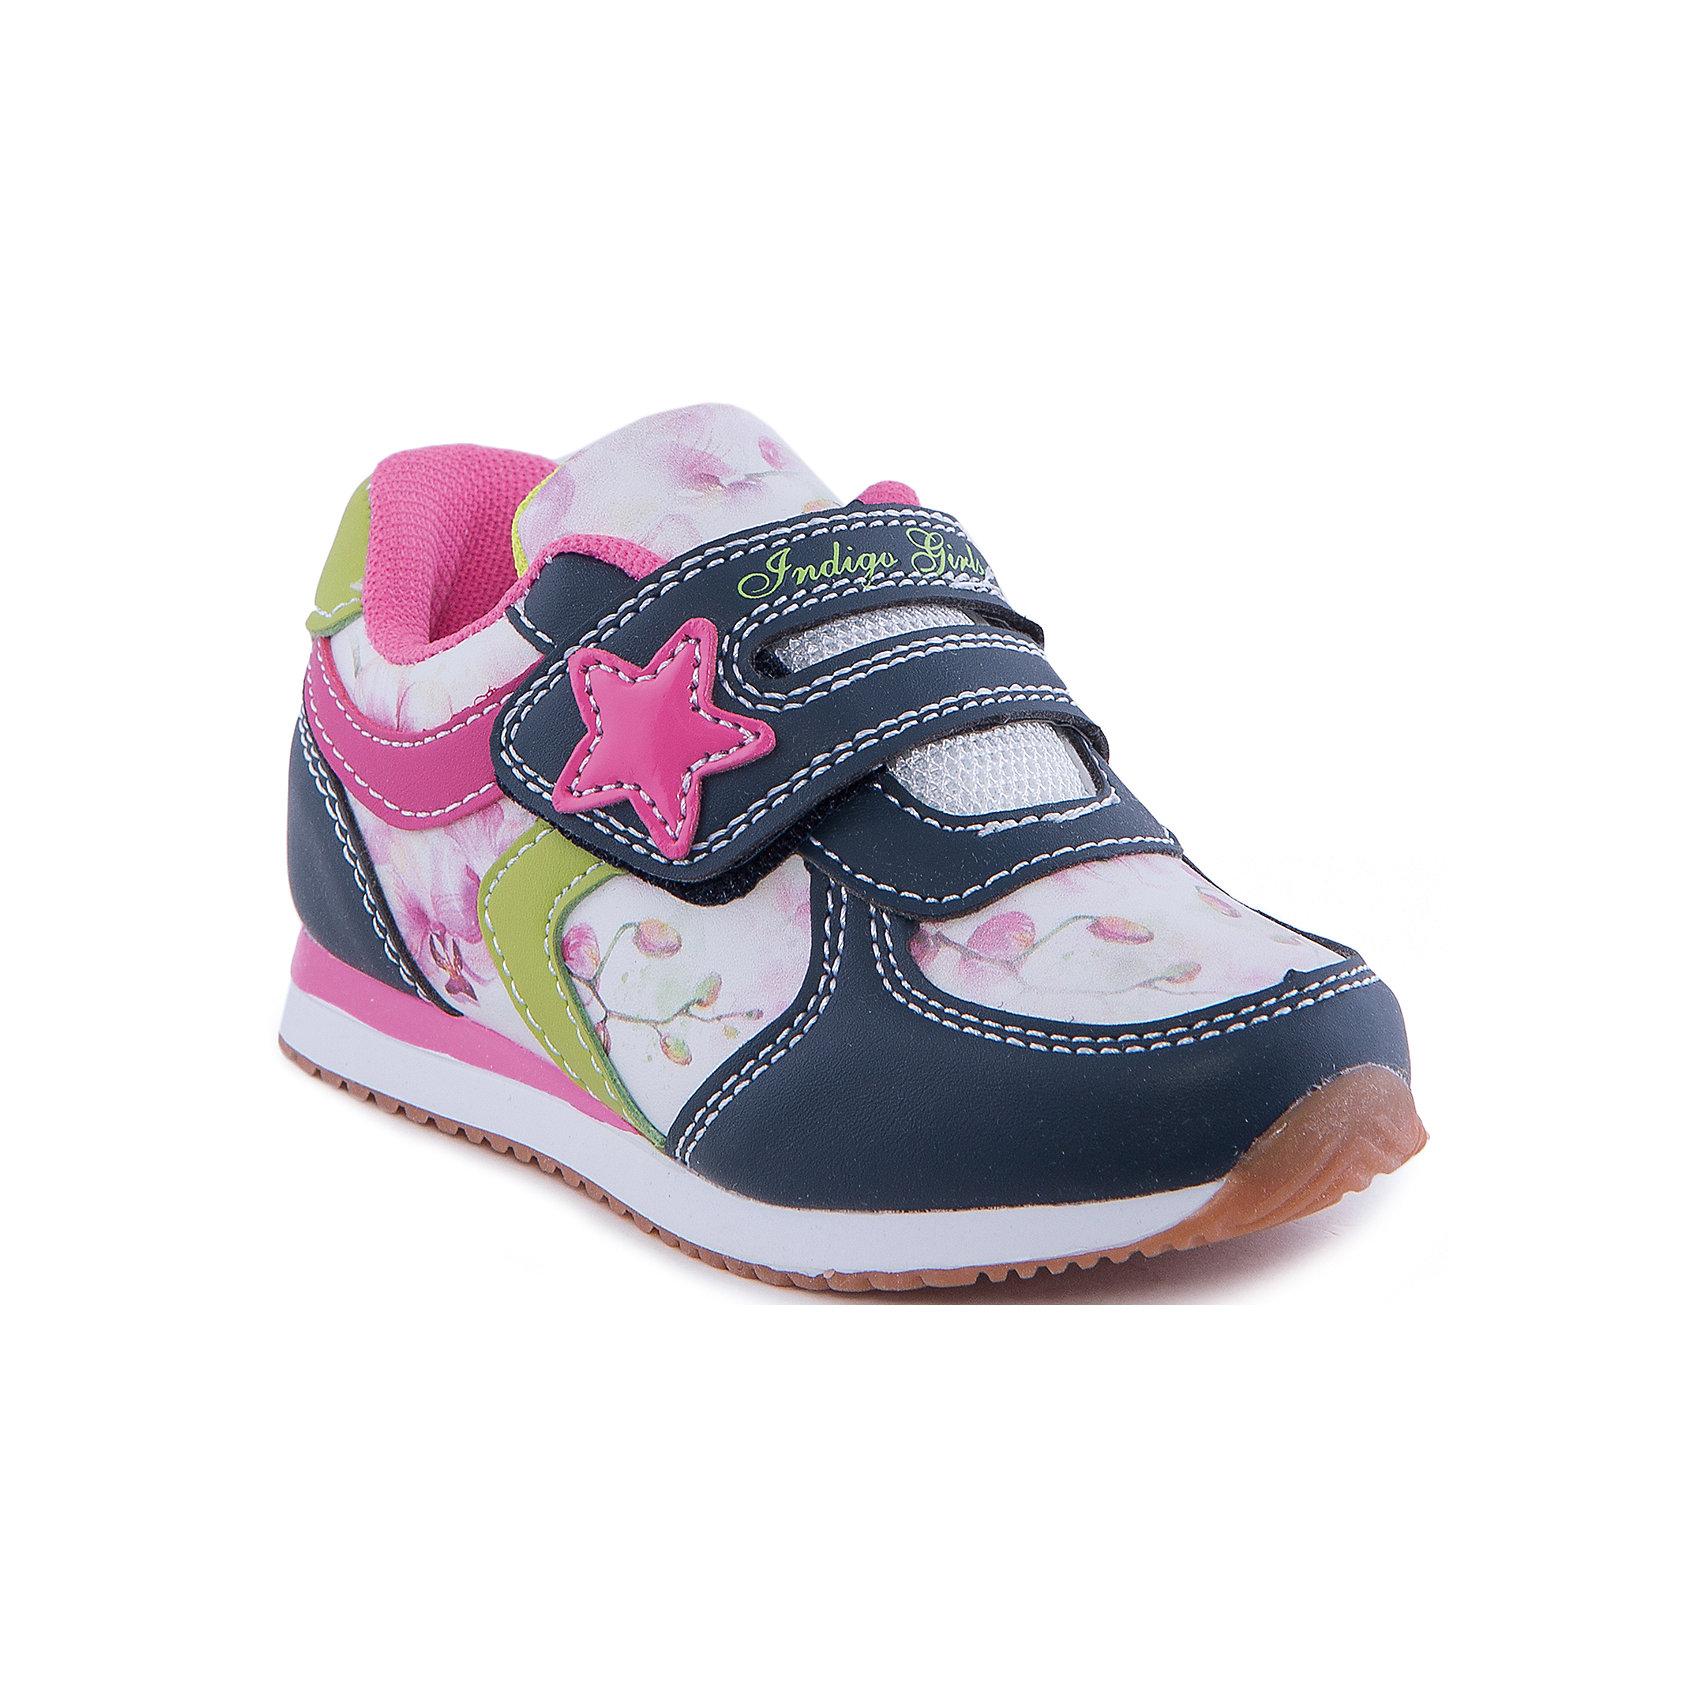 Indigo kids Кроссовки для девочки Indigo kids indigo kids обувь официальный сайт